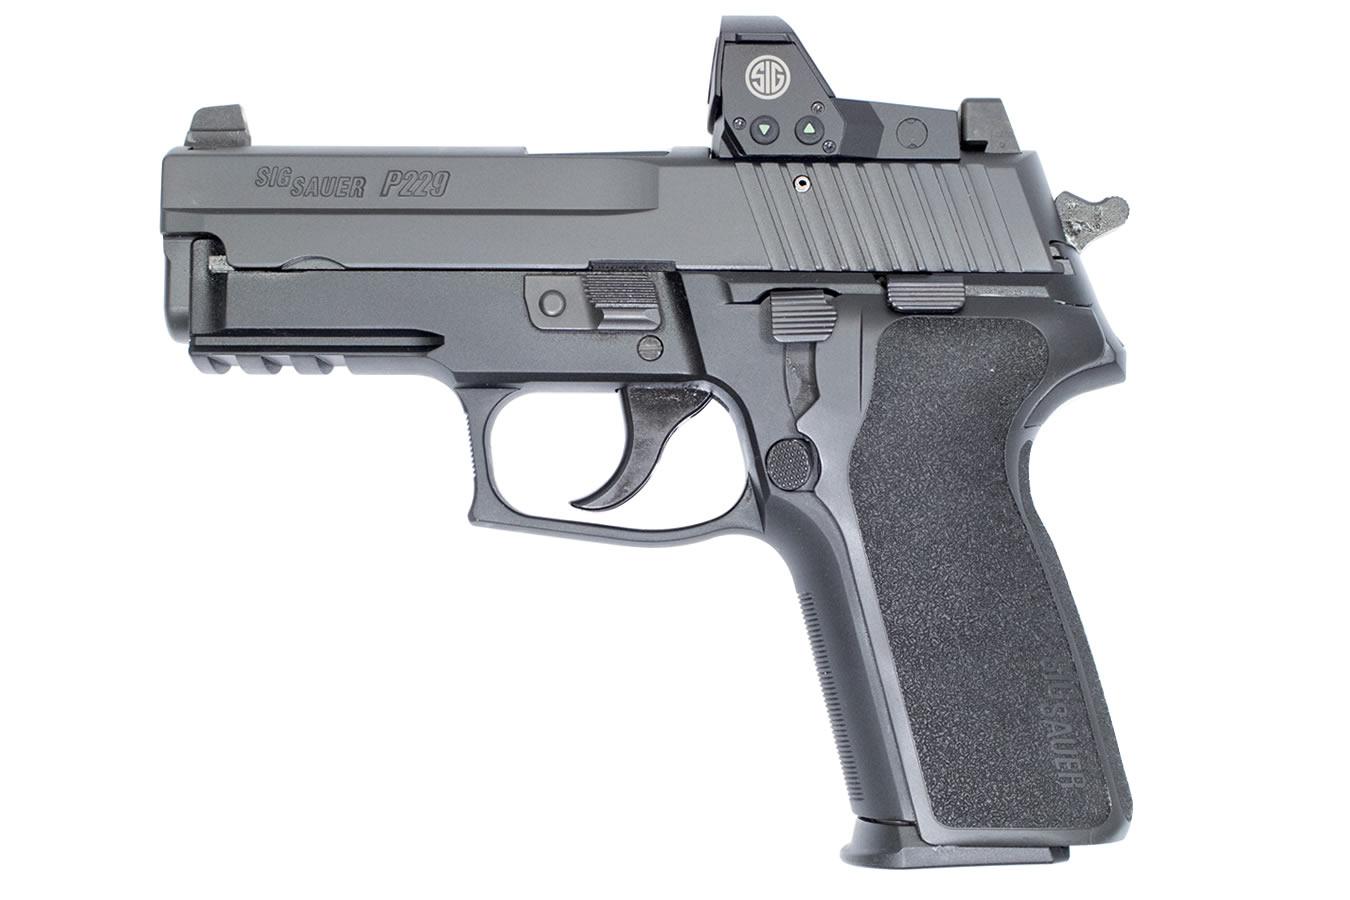 P229 RX 9mm DA/SA Pistol with ROMEO1 Reflex Sight